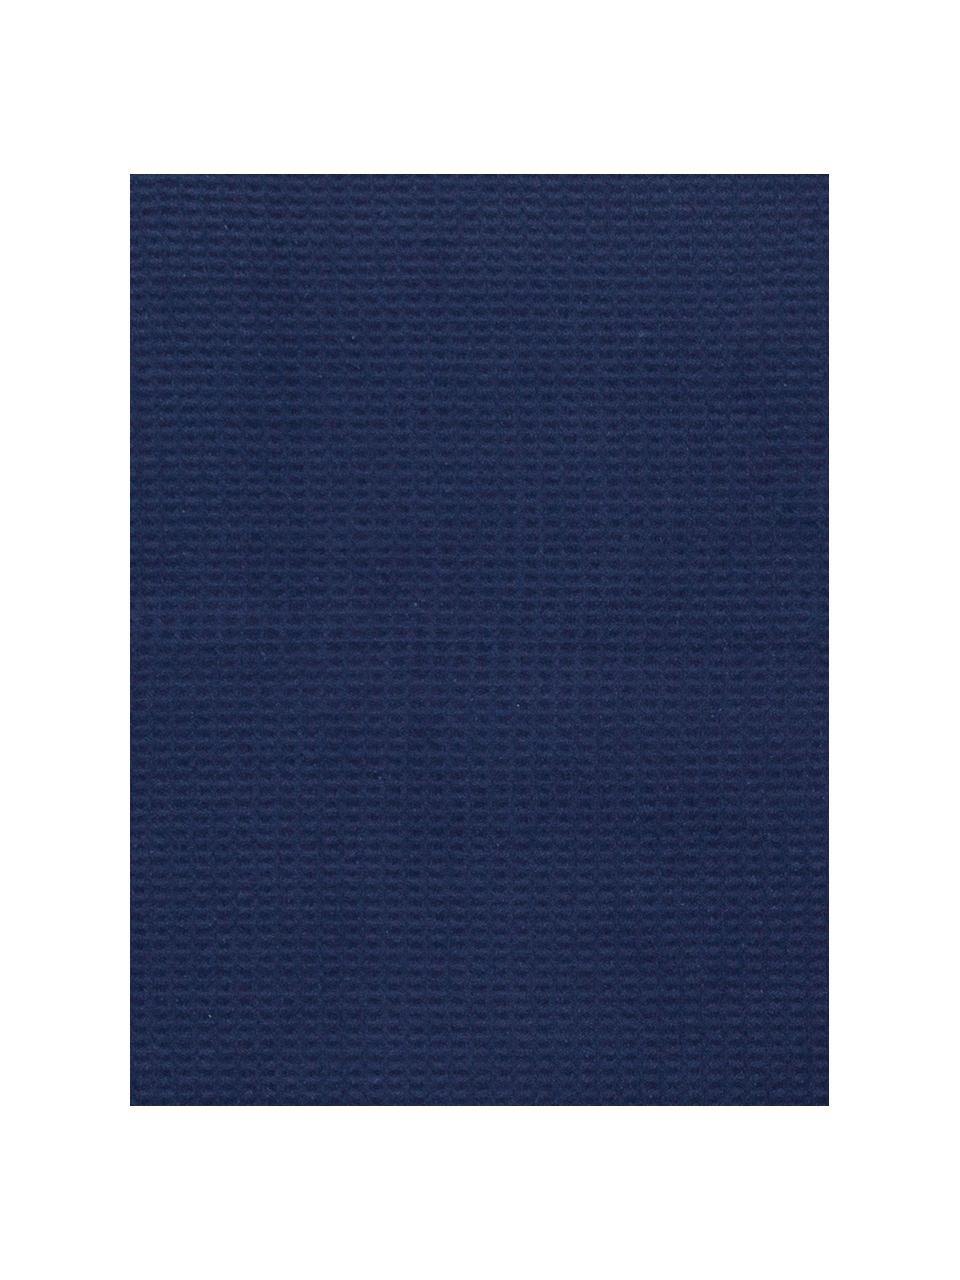 Einfarbiges Waffelpiqué-Plaid Sara in Dunkelblau, 50% Baumwolle, 50% Acryl, Dunkelblau, 140 x 180 cm